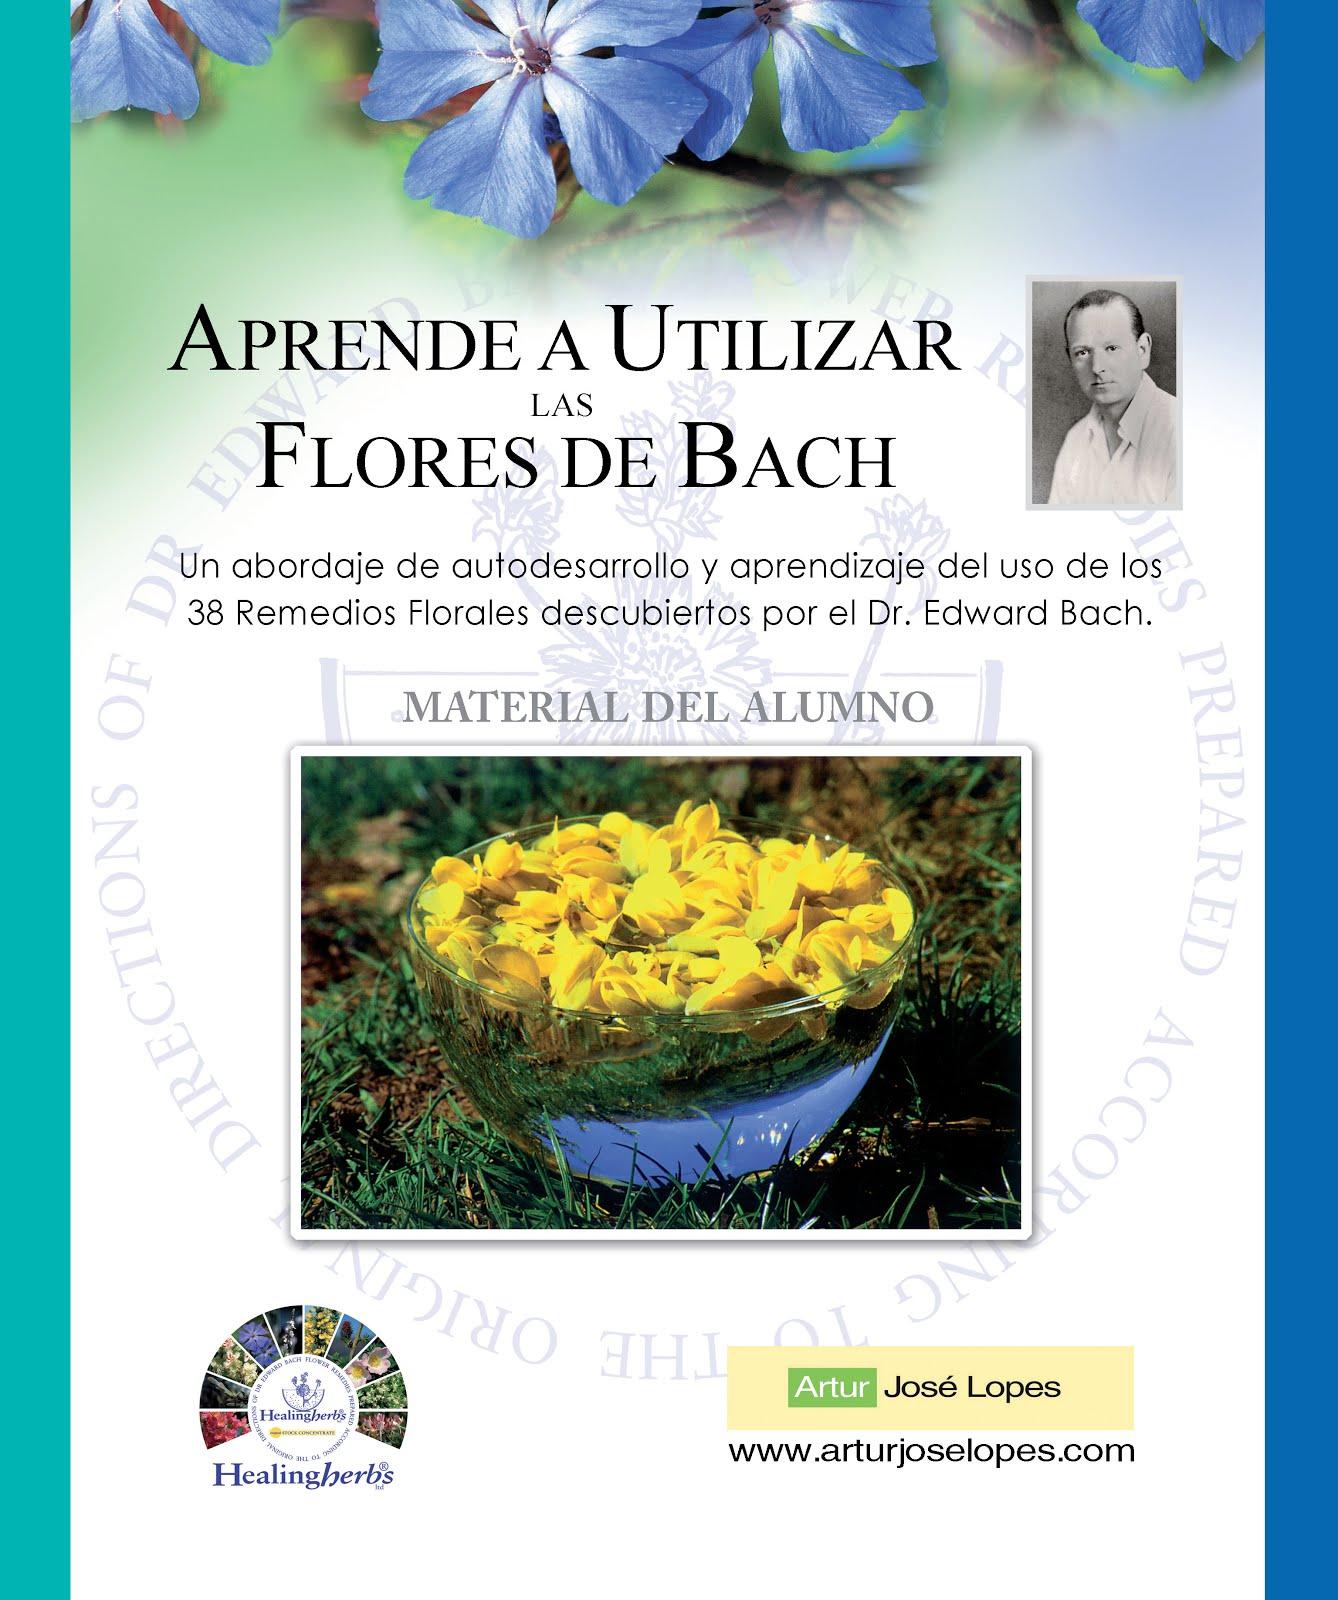 Flores De Bach Imagenes Y Descripcion - Curso de 72h: Formación en Flores de Bach Seidam